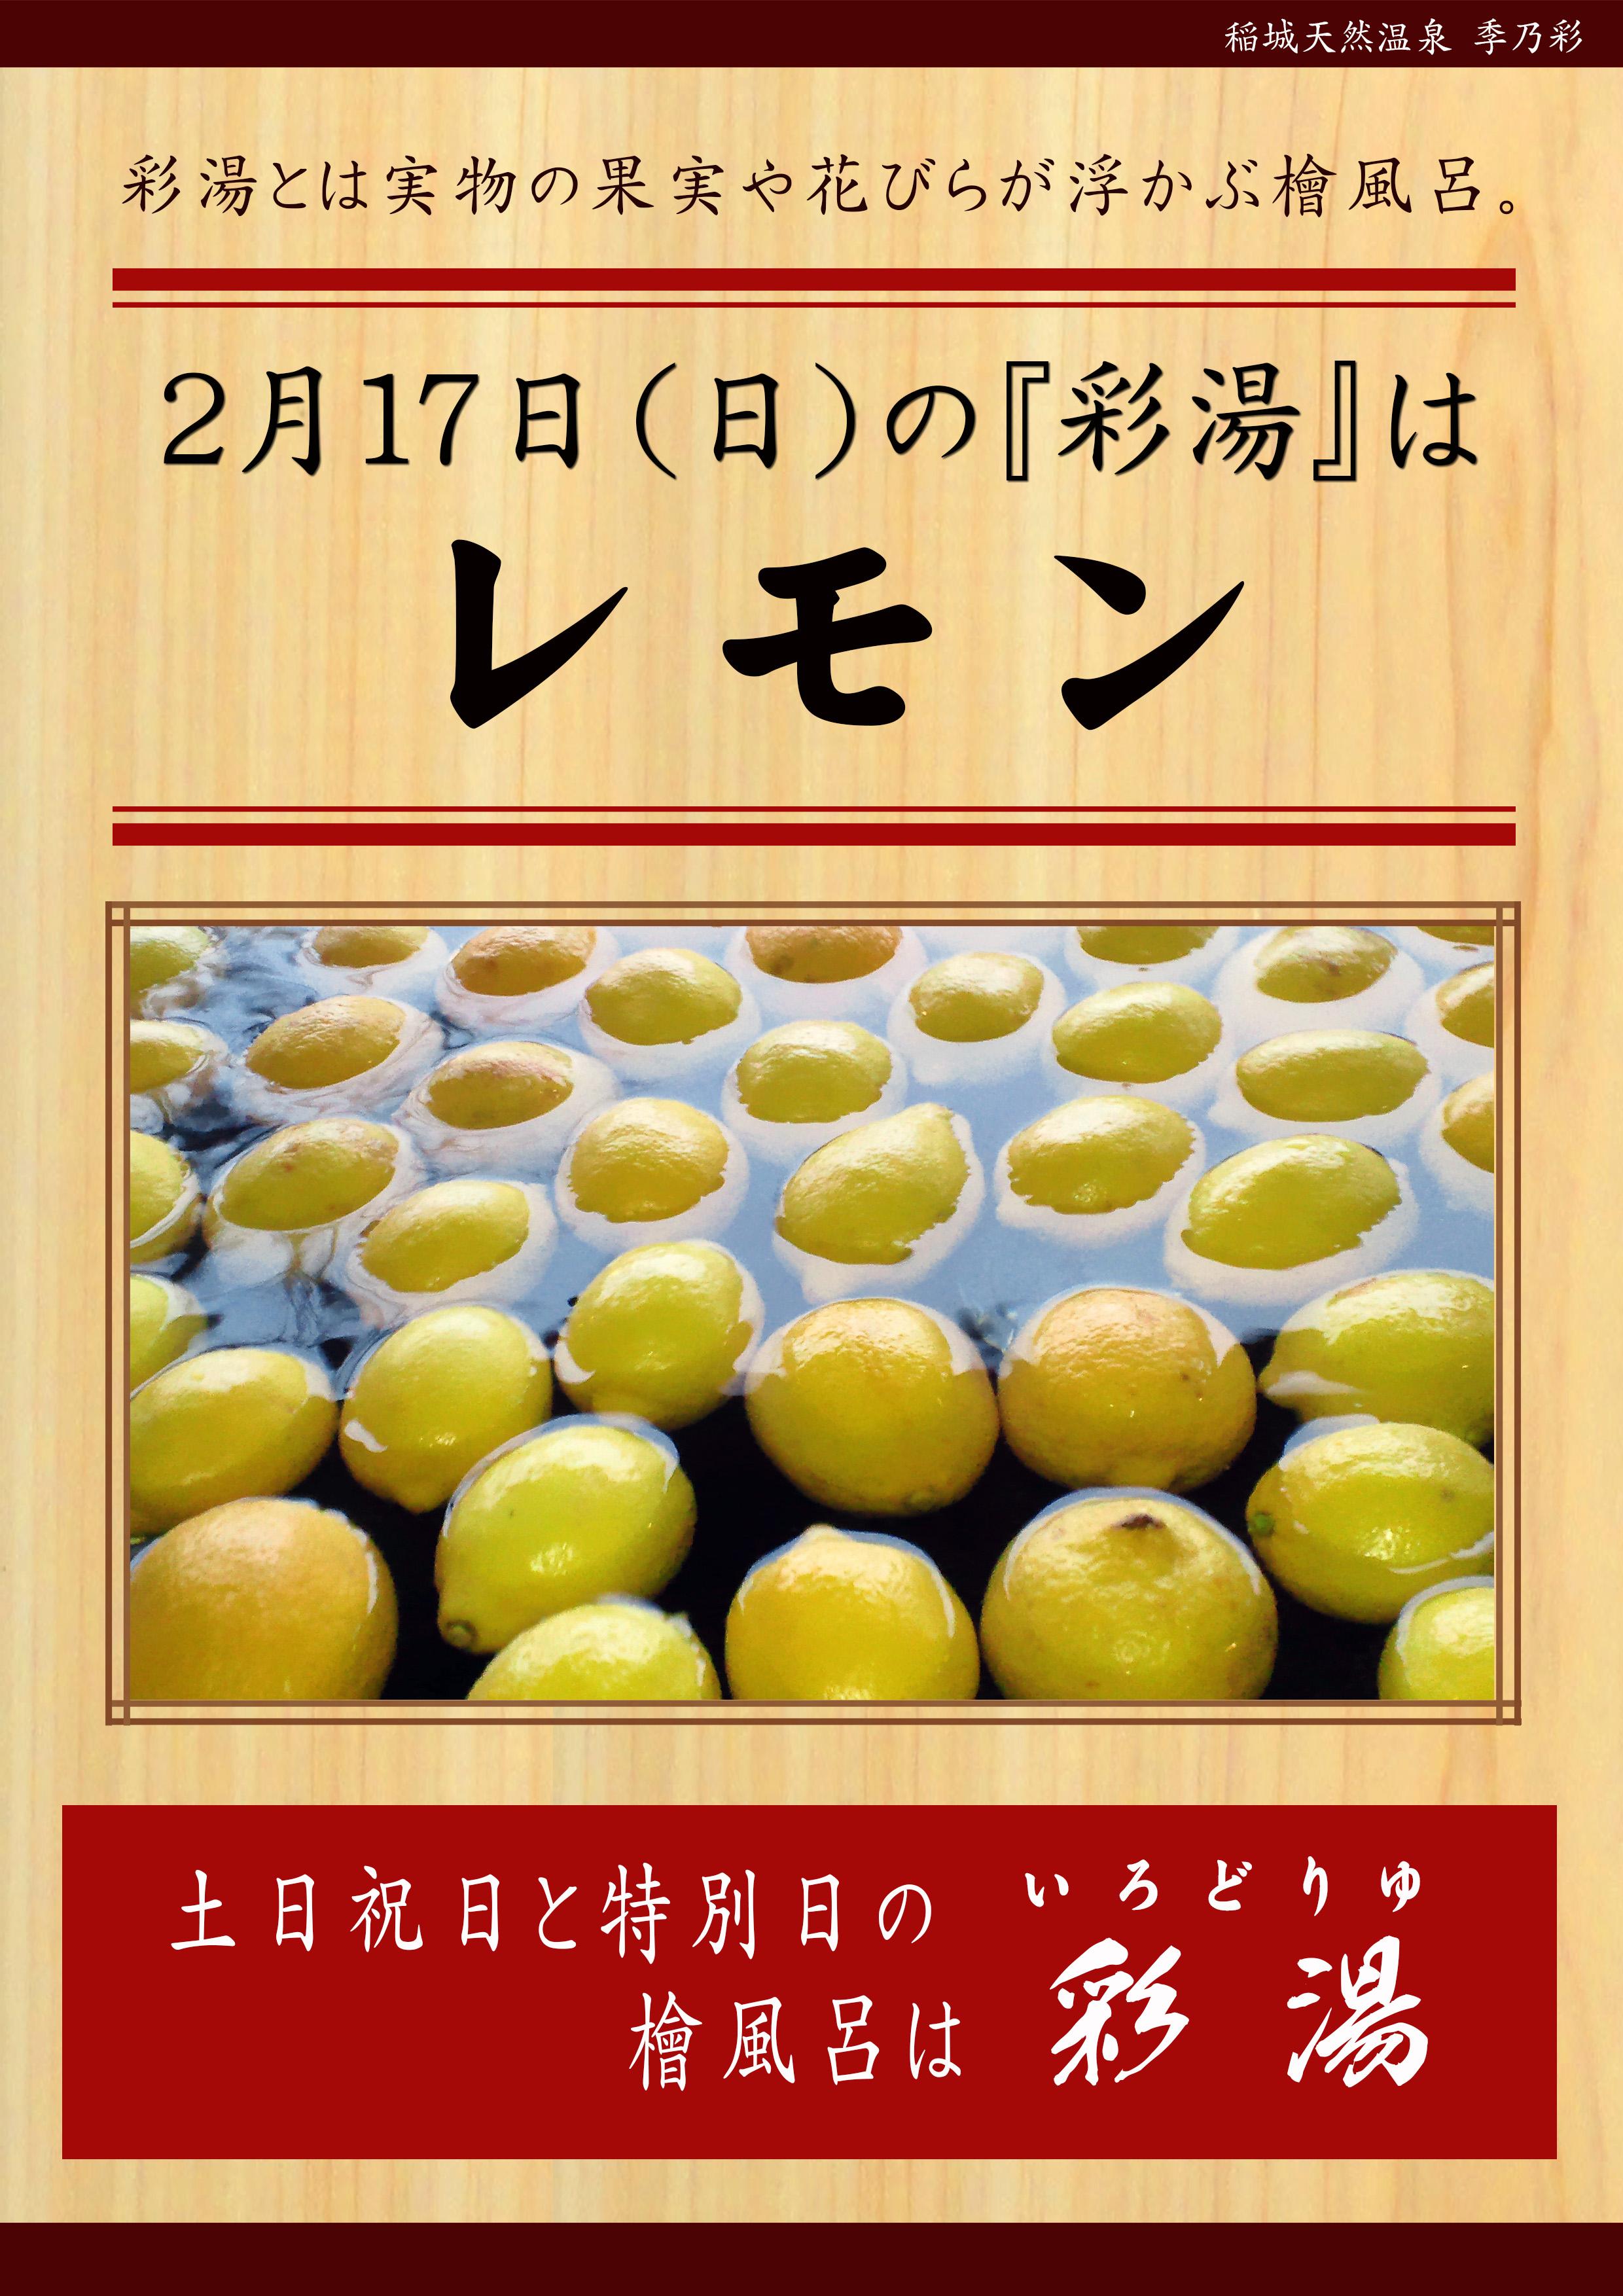 20190217 POP イベント 彩湯 レモン